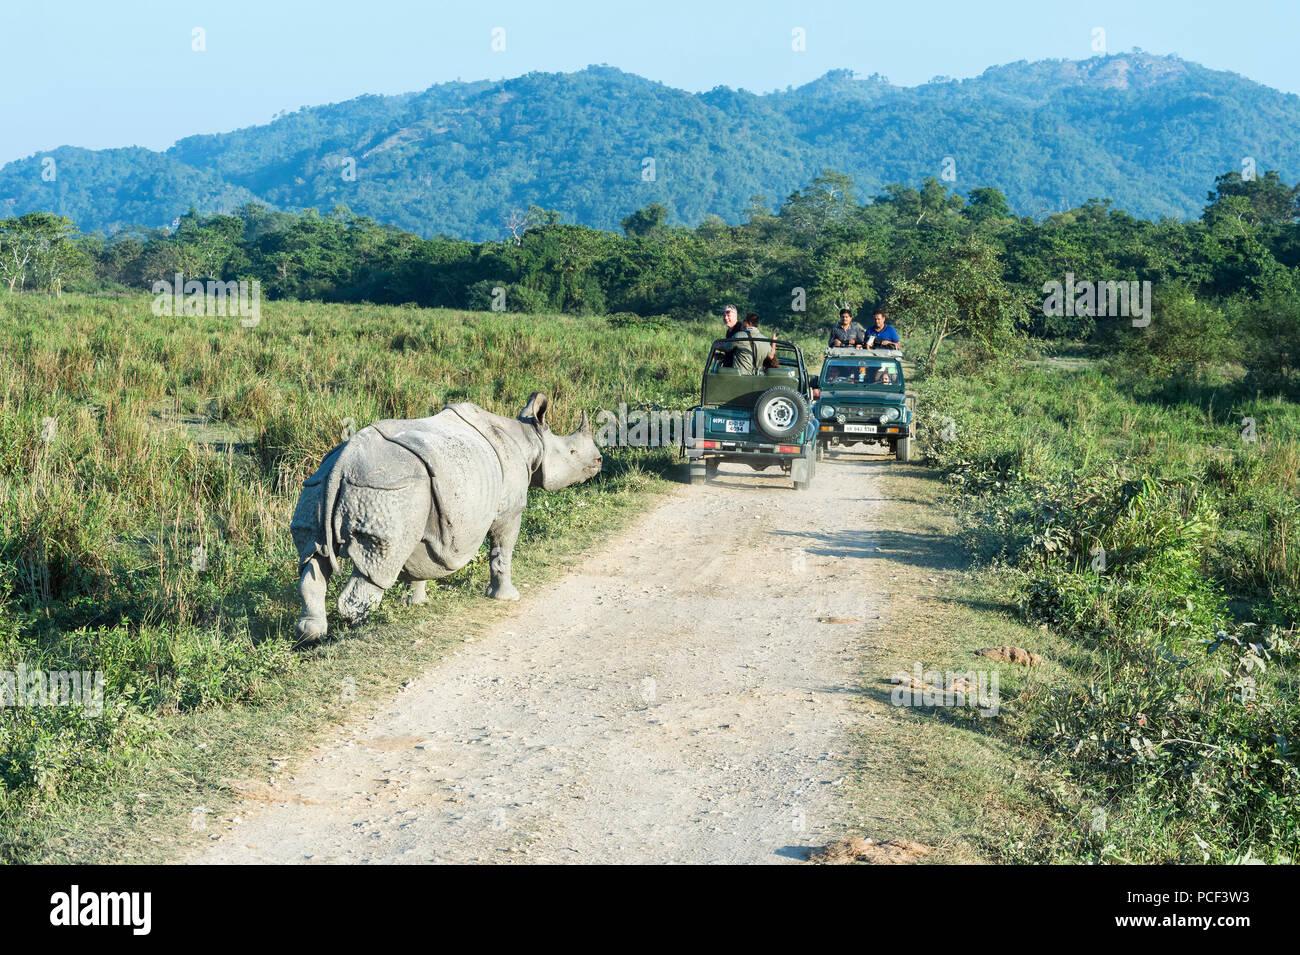 Indian rhinoceros (Rhinoceros unicornis) charging a vehicle with tourists, Kaziranga National Park, Assam, India - Stock Image